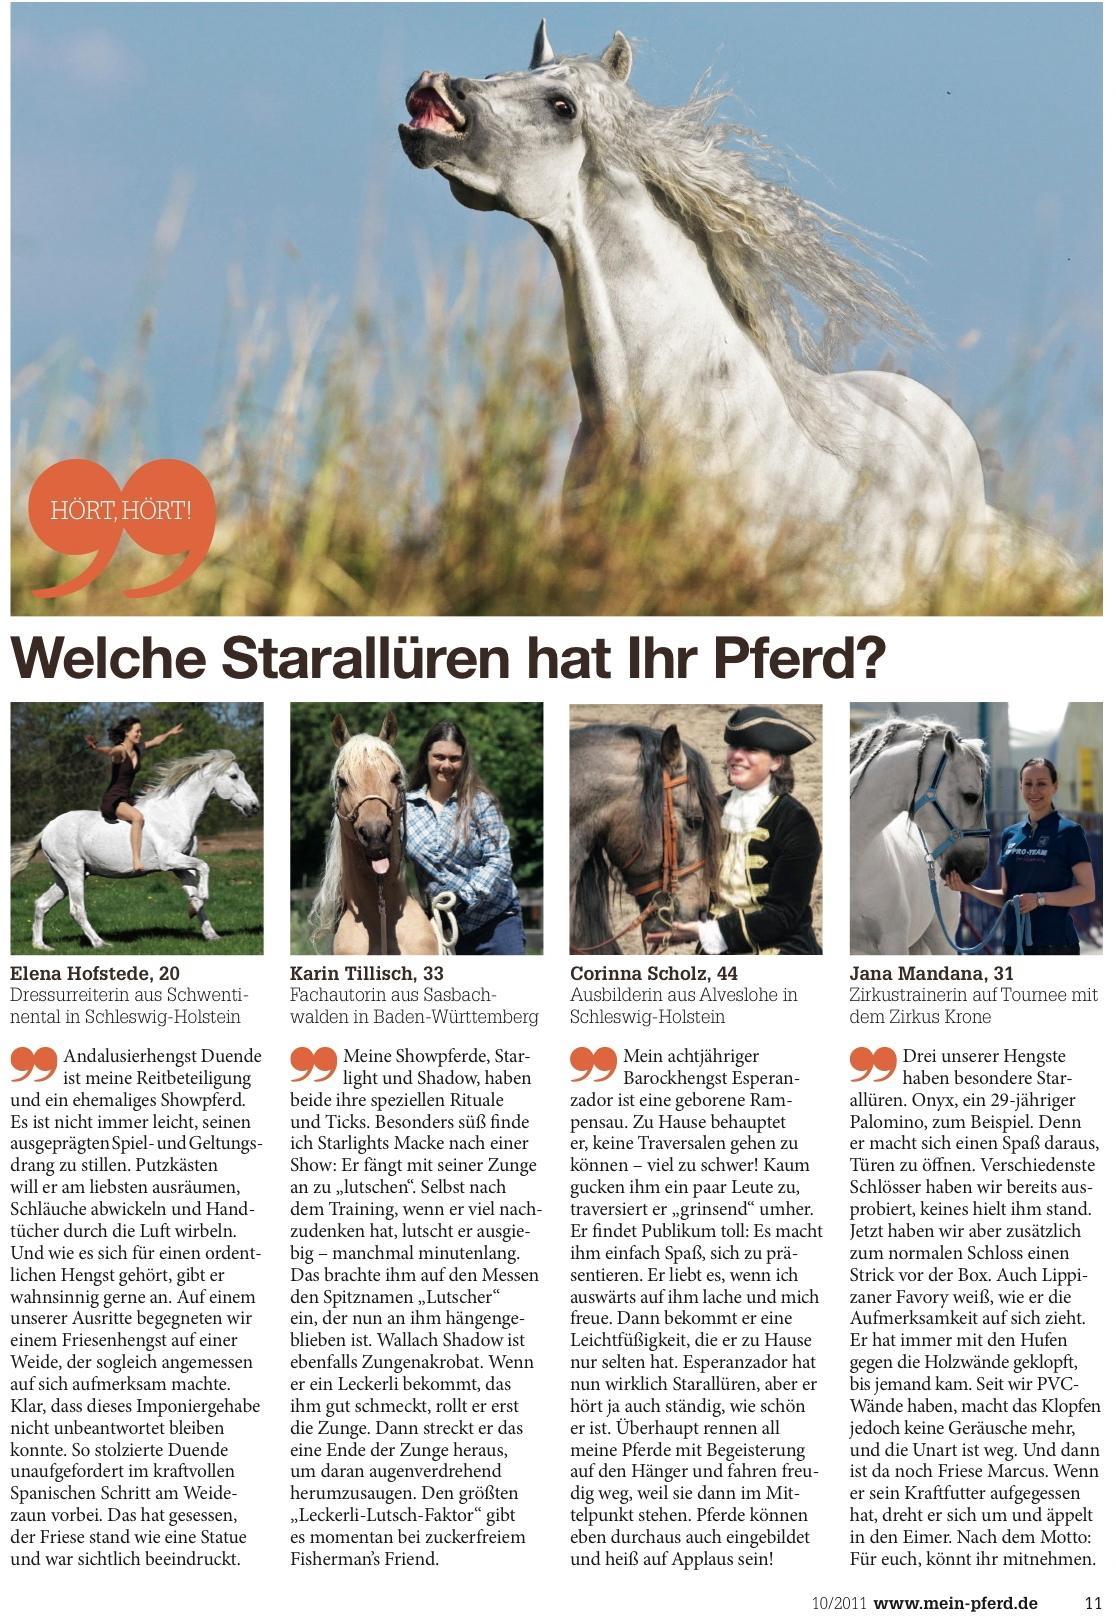 10-2011 Mein Pferd